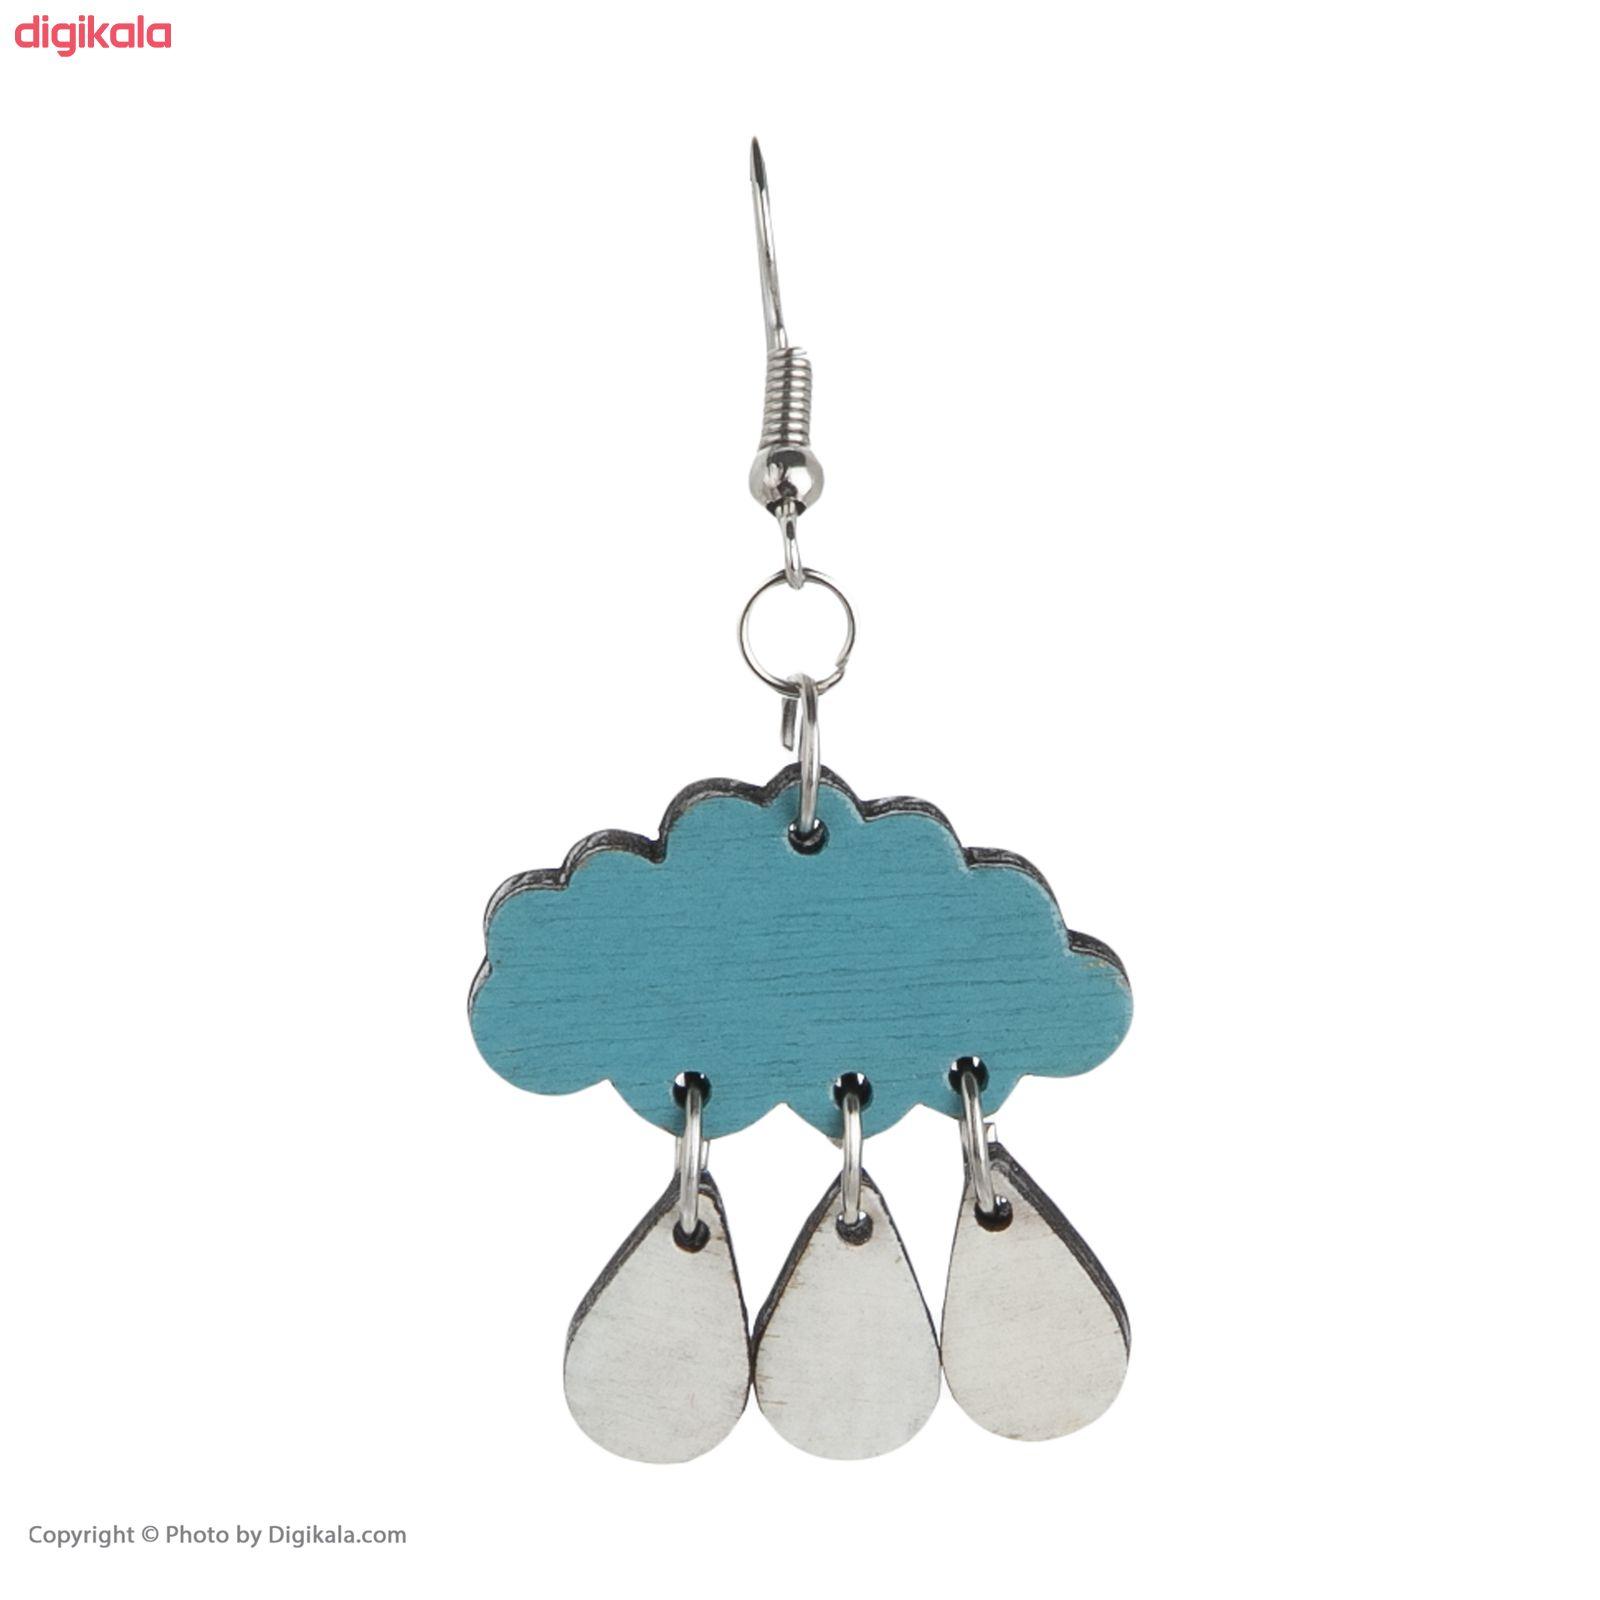 گوشواره زنانه مدل چتر و باران کد 012 main 1 2